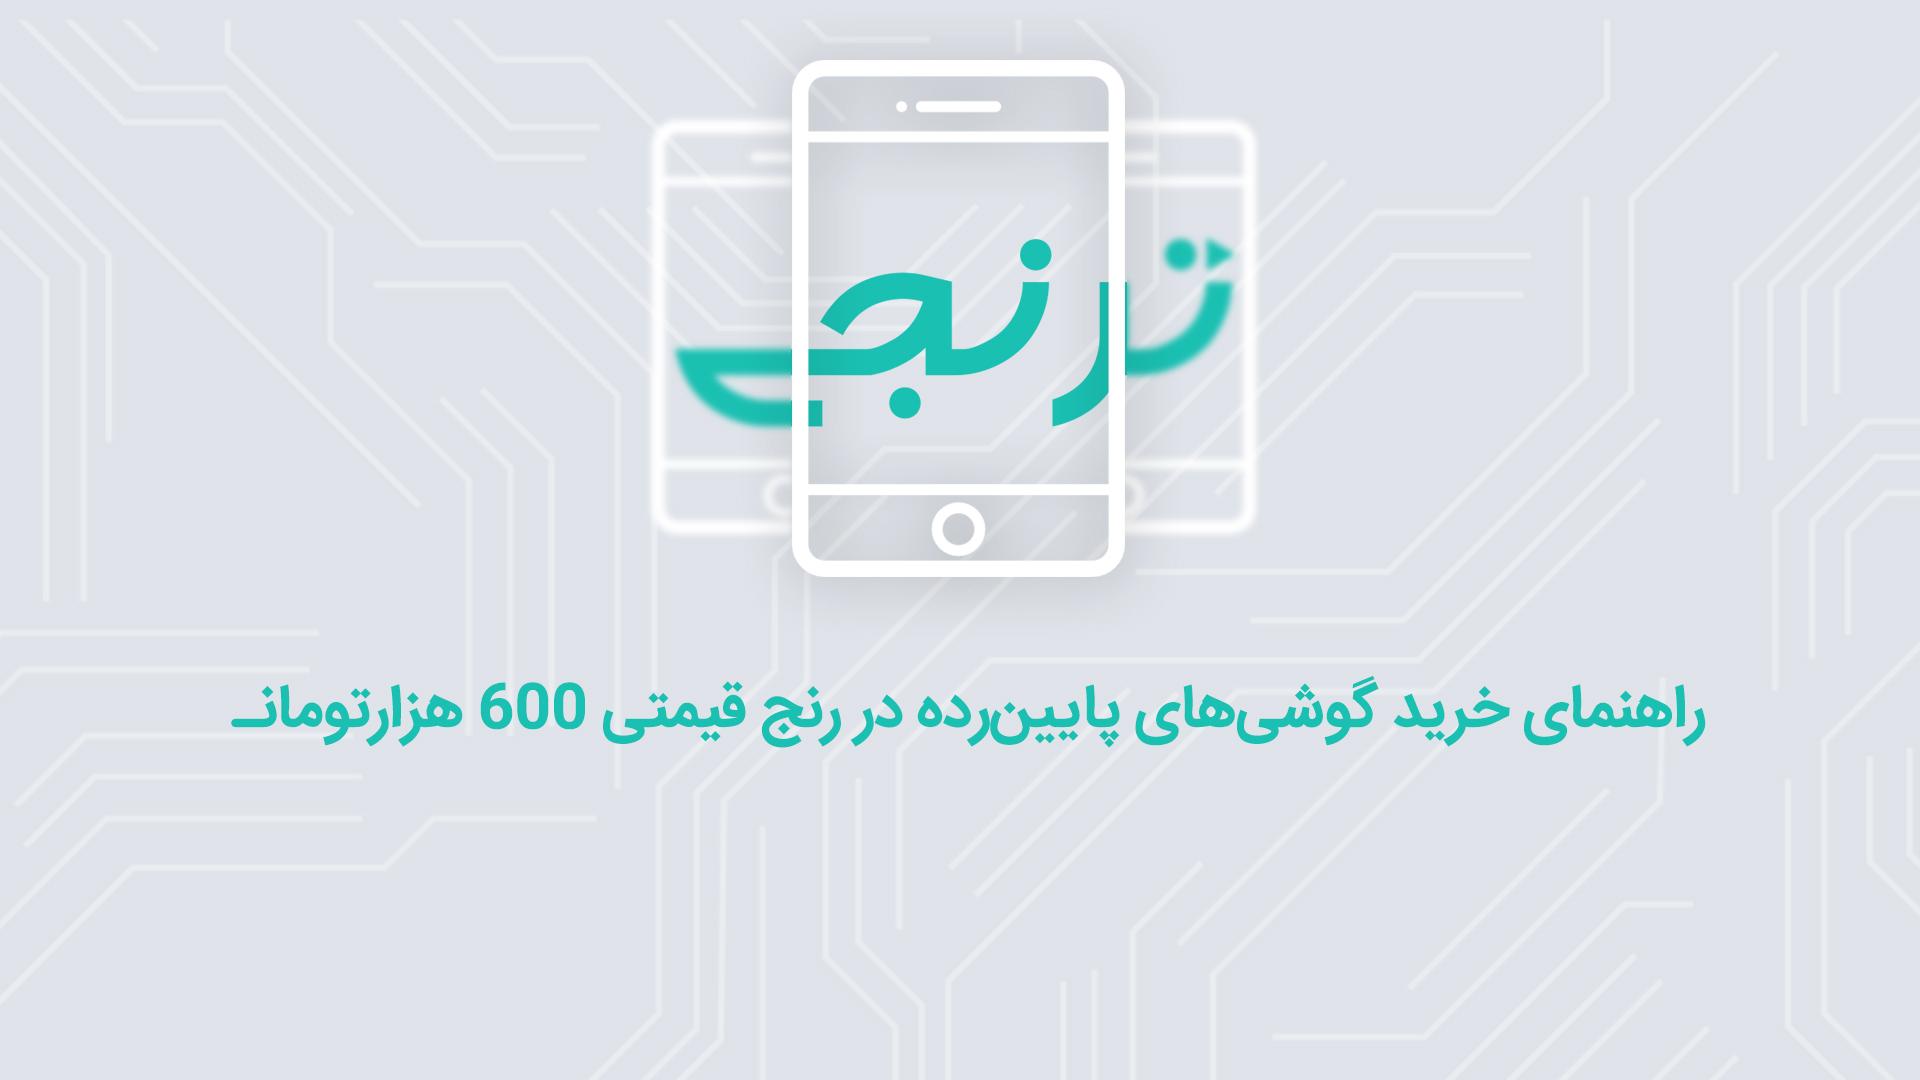 راهنمای خرید گوشیهای پایینرده در رنج قیمتی 600 هزار تومان (شهریور ماه 96)